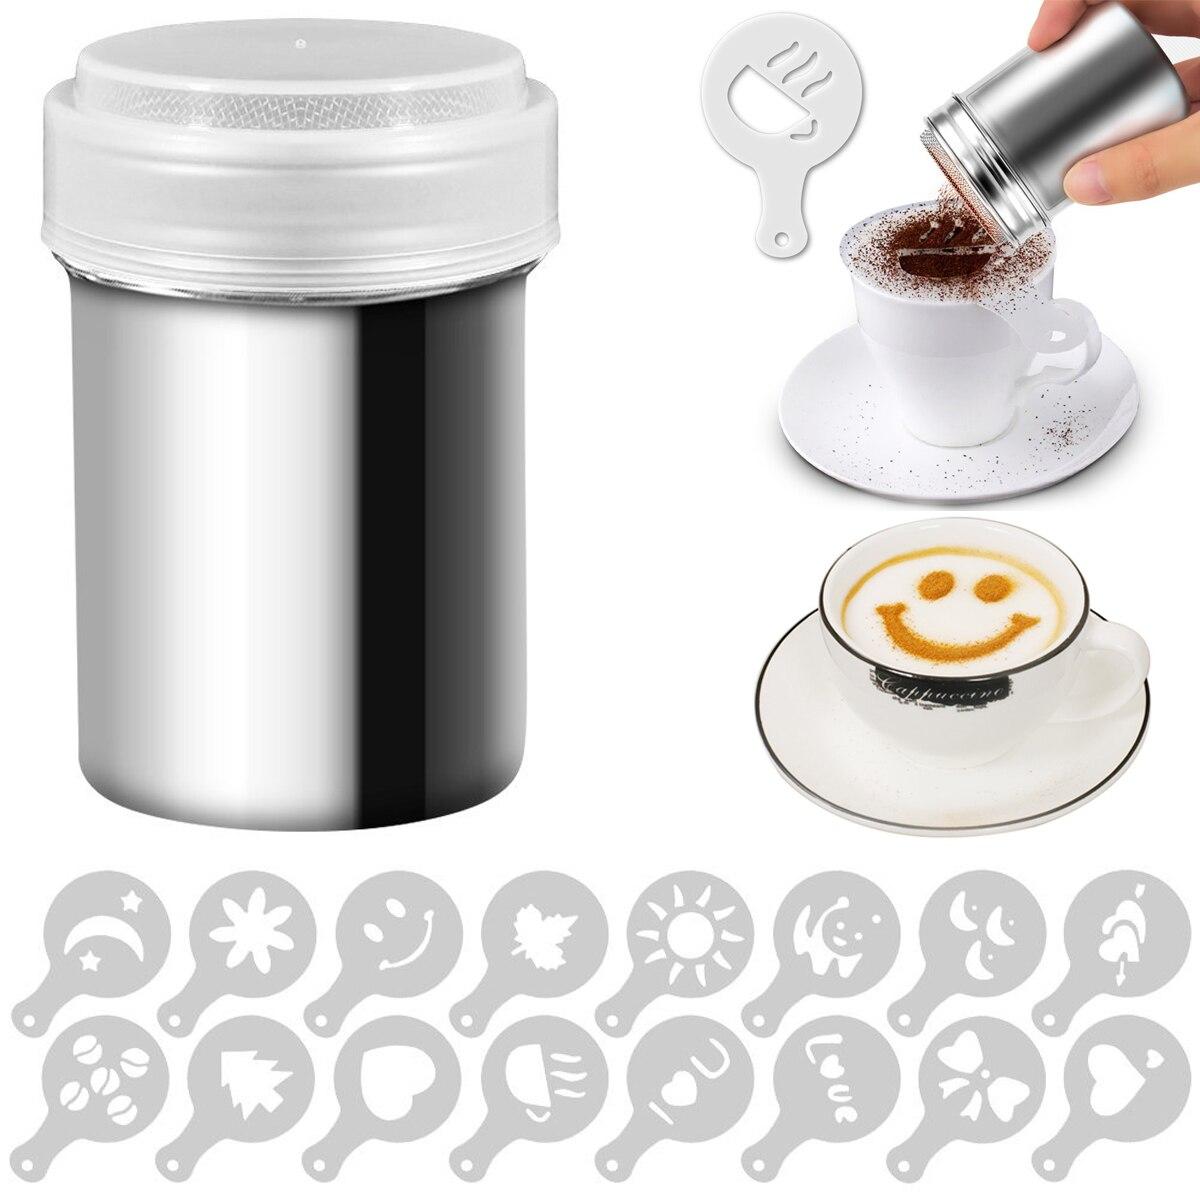 カプチーノ型ファンシーコーヒー印刷モデル泡スプレーケーキステンシル粉砂糖チョコレートココアコーヒー印刷 AssemblyD40